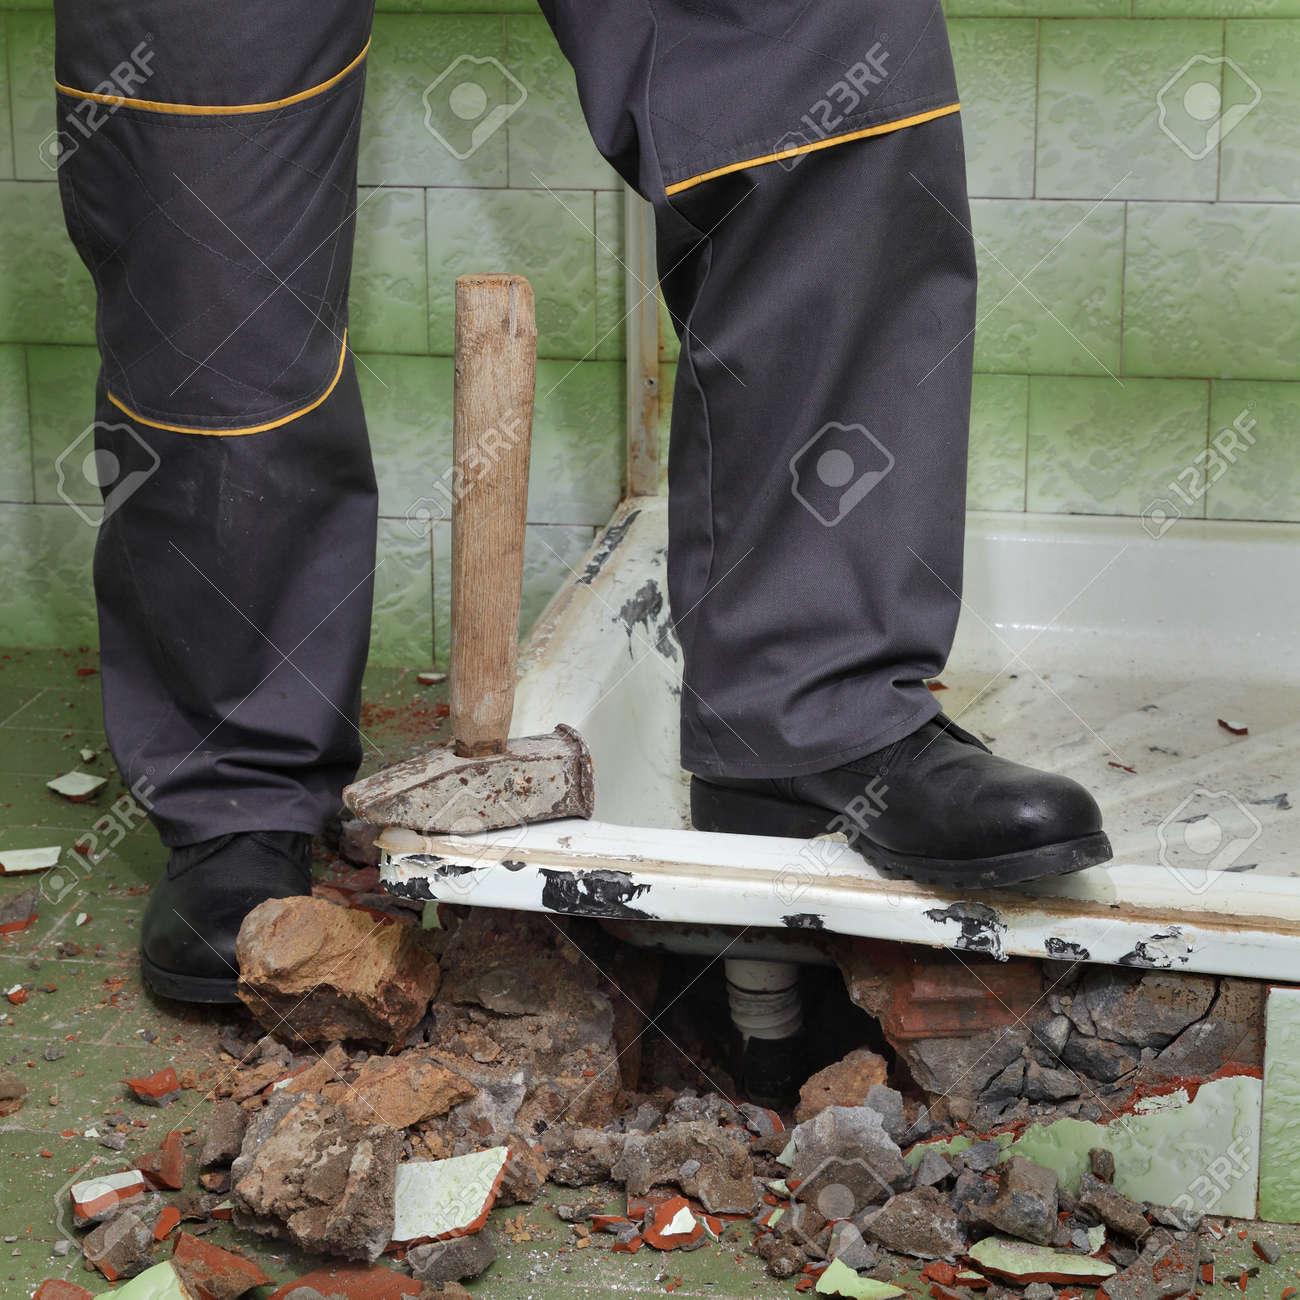 Que Faire Avec Une Vieille Baignoire travailleur supprimer, démolir vieille baignoire et les carreaux